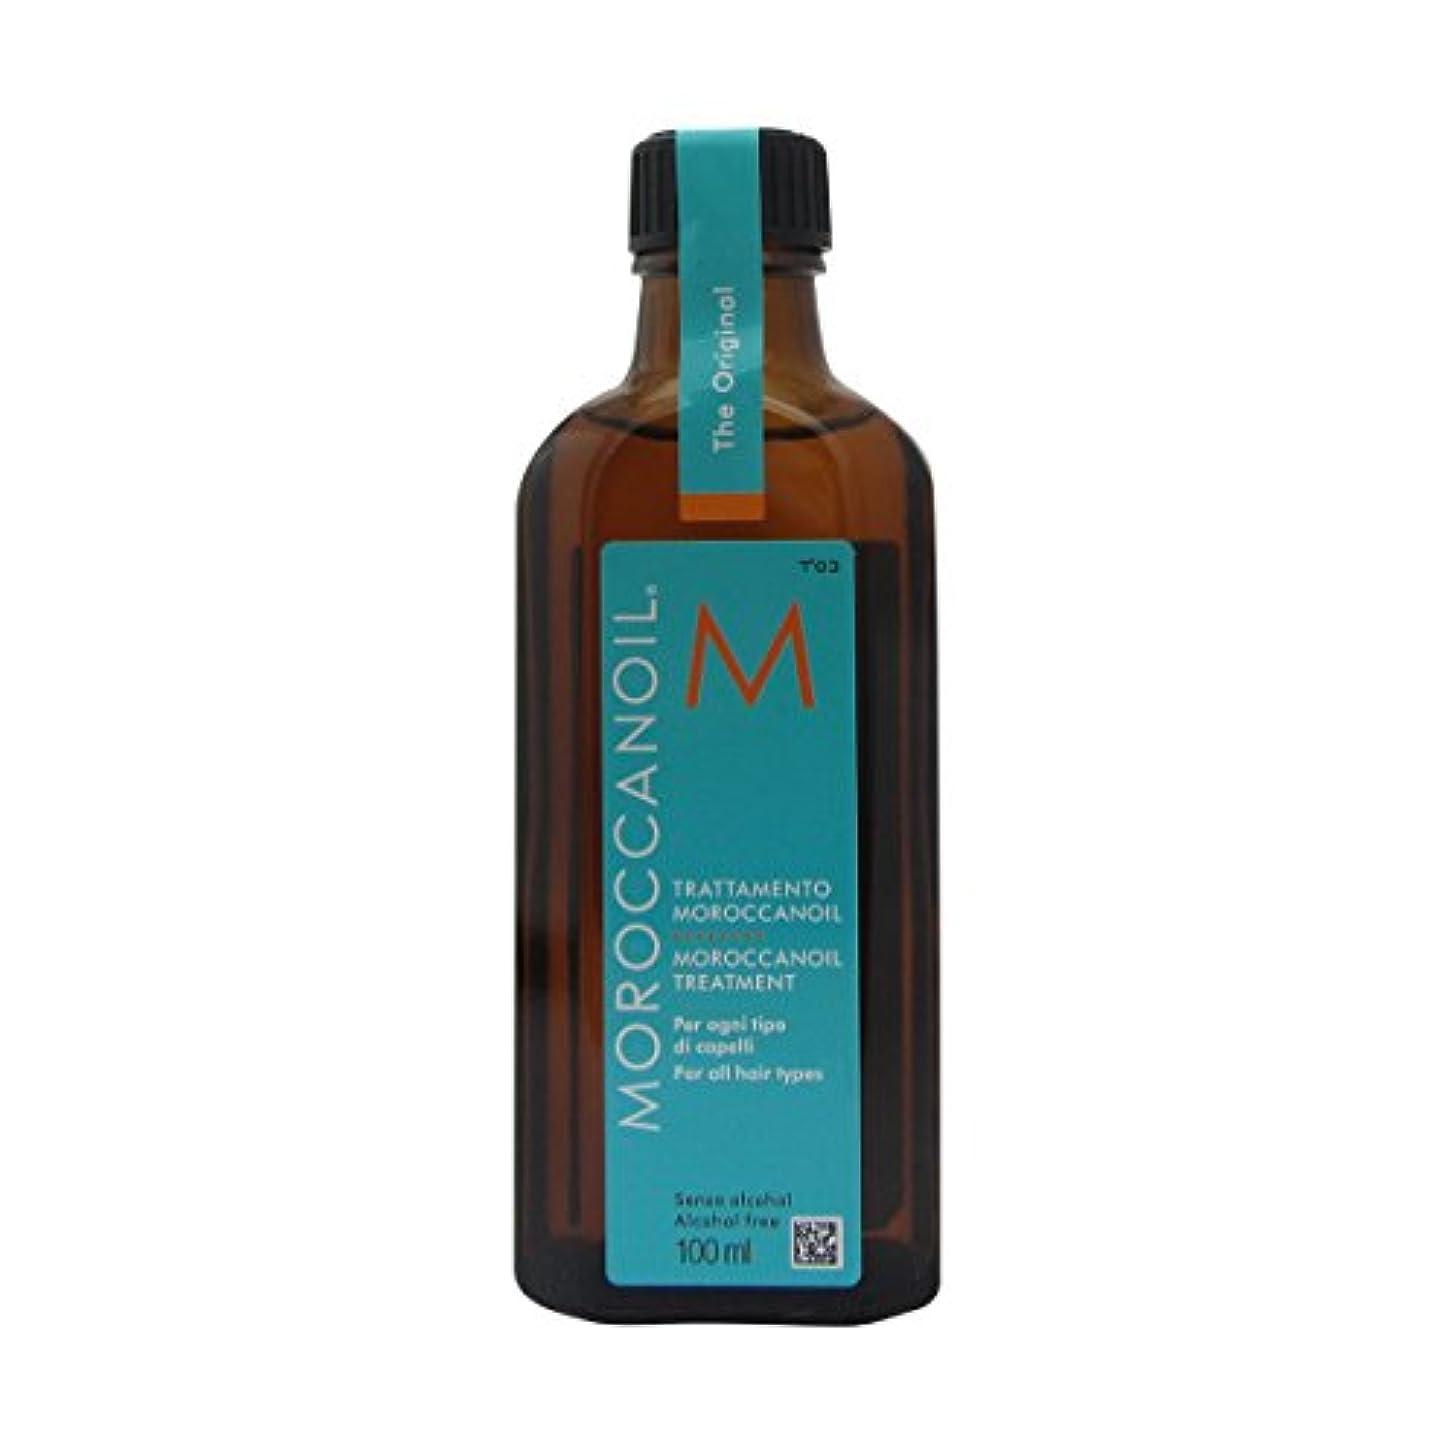 ゴシップディンカルビルりMoroccanoil Treatment 100ml [並行輸入品]